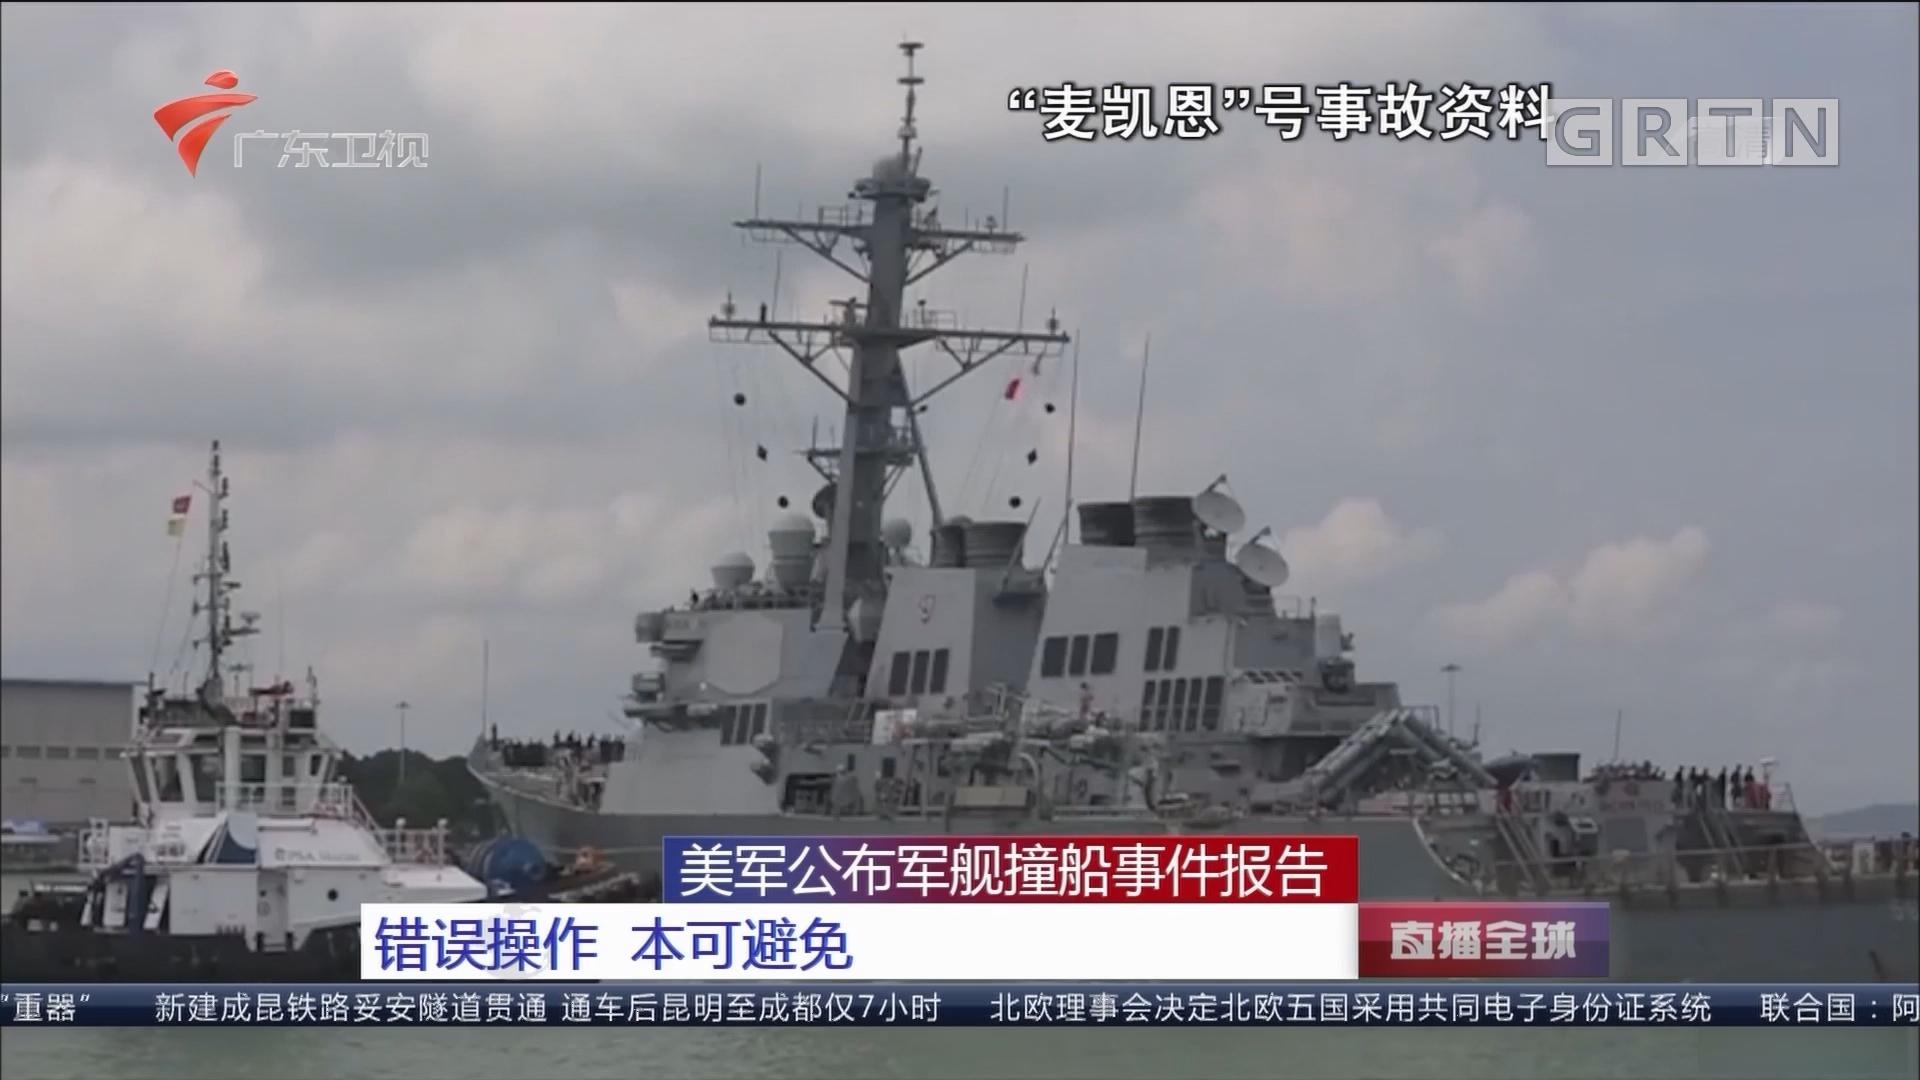 美军公布军舰撞船事件报告:错误操作 本可避免